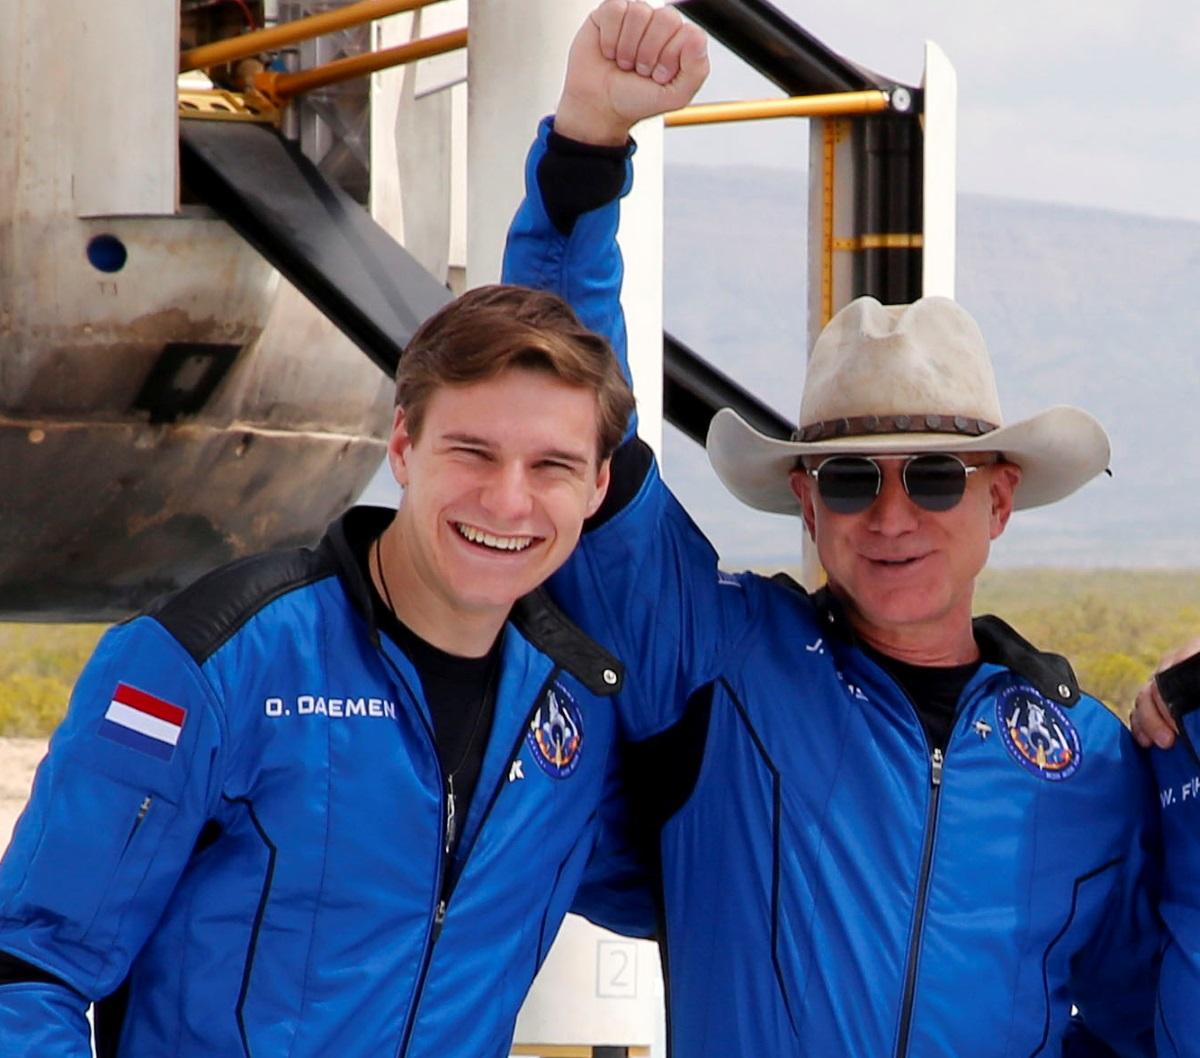 Ο 18χρονος που πήγε στο διάστημα με τον Τζεφ Μπέζος δεν έχει παραγγείλει ποτέ από την Amazon